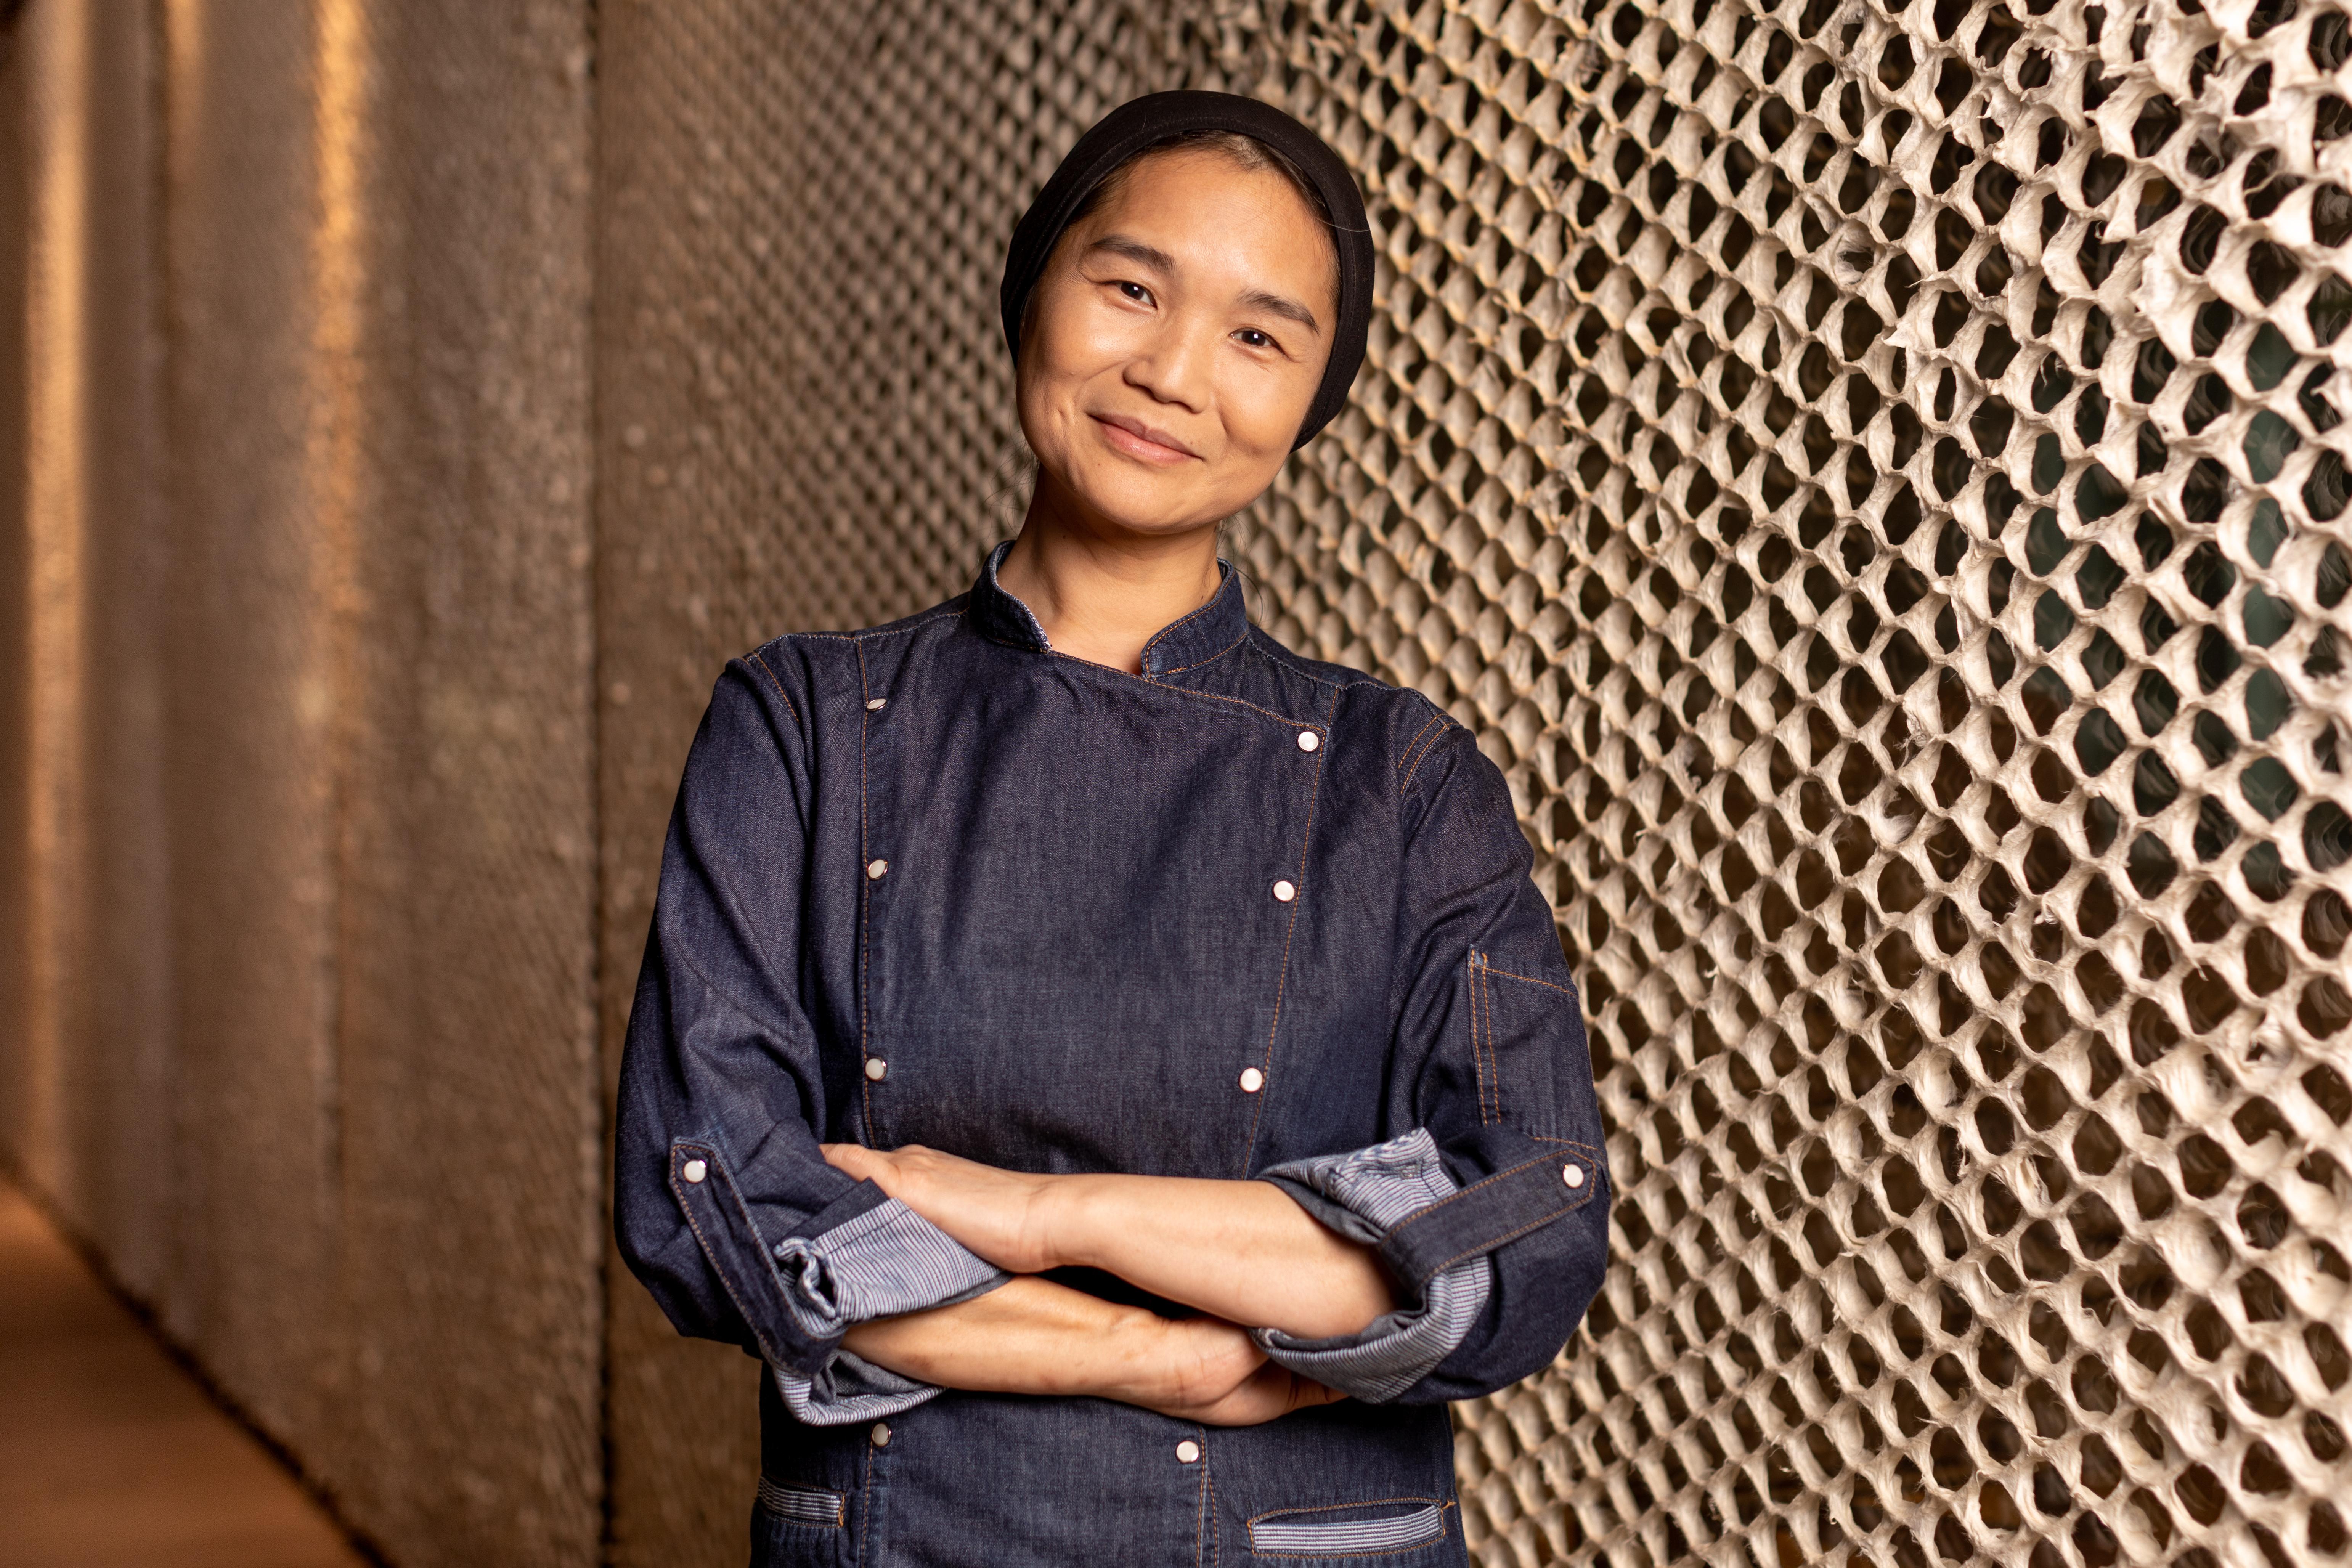 A chef Telma Shiraishi sorrindo de braços cruzados em frente à parede de textura rendada.